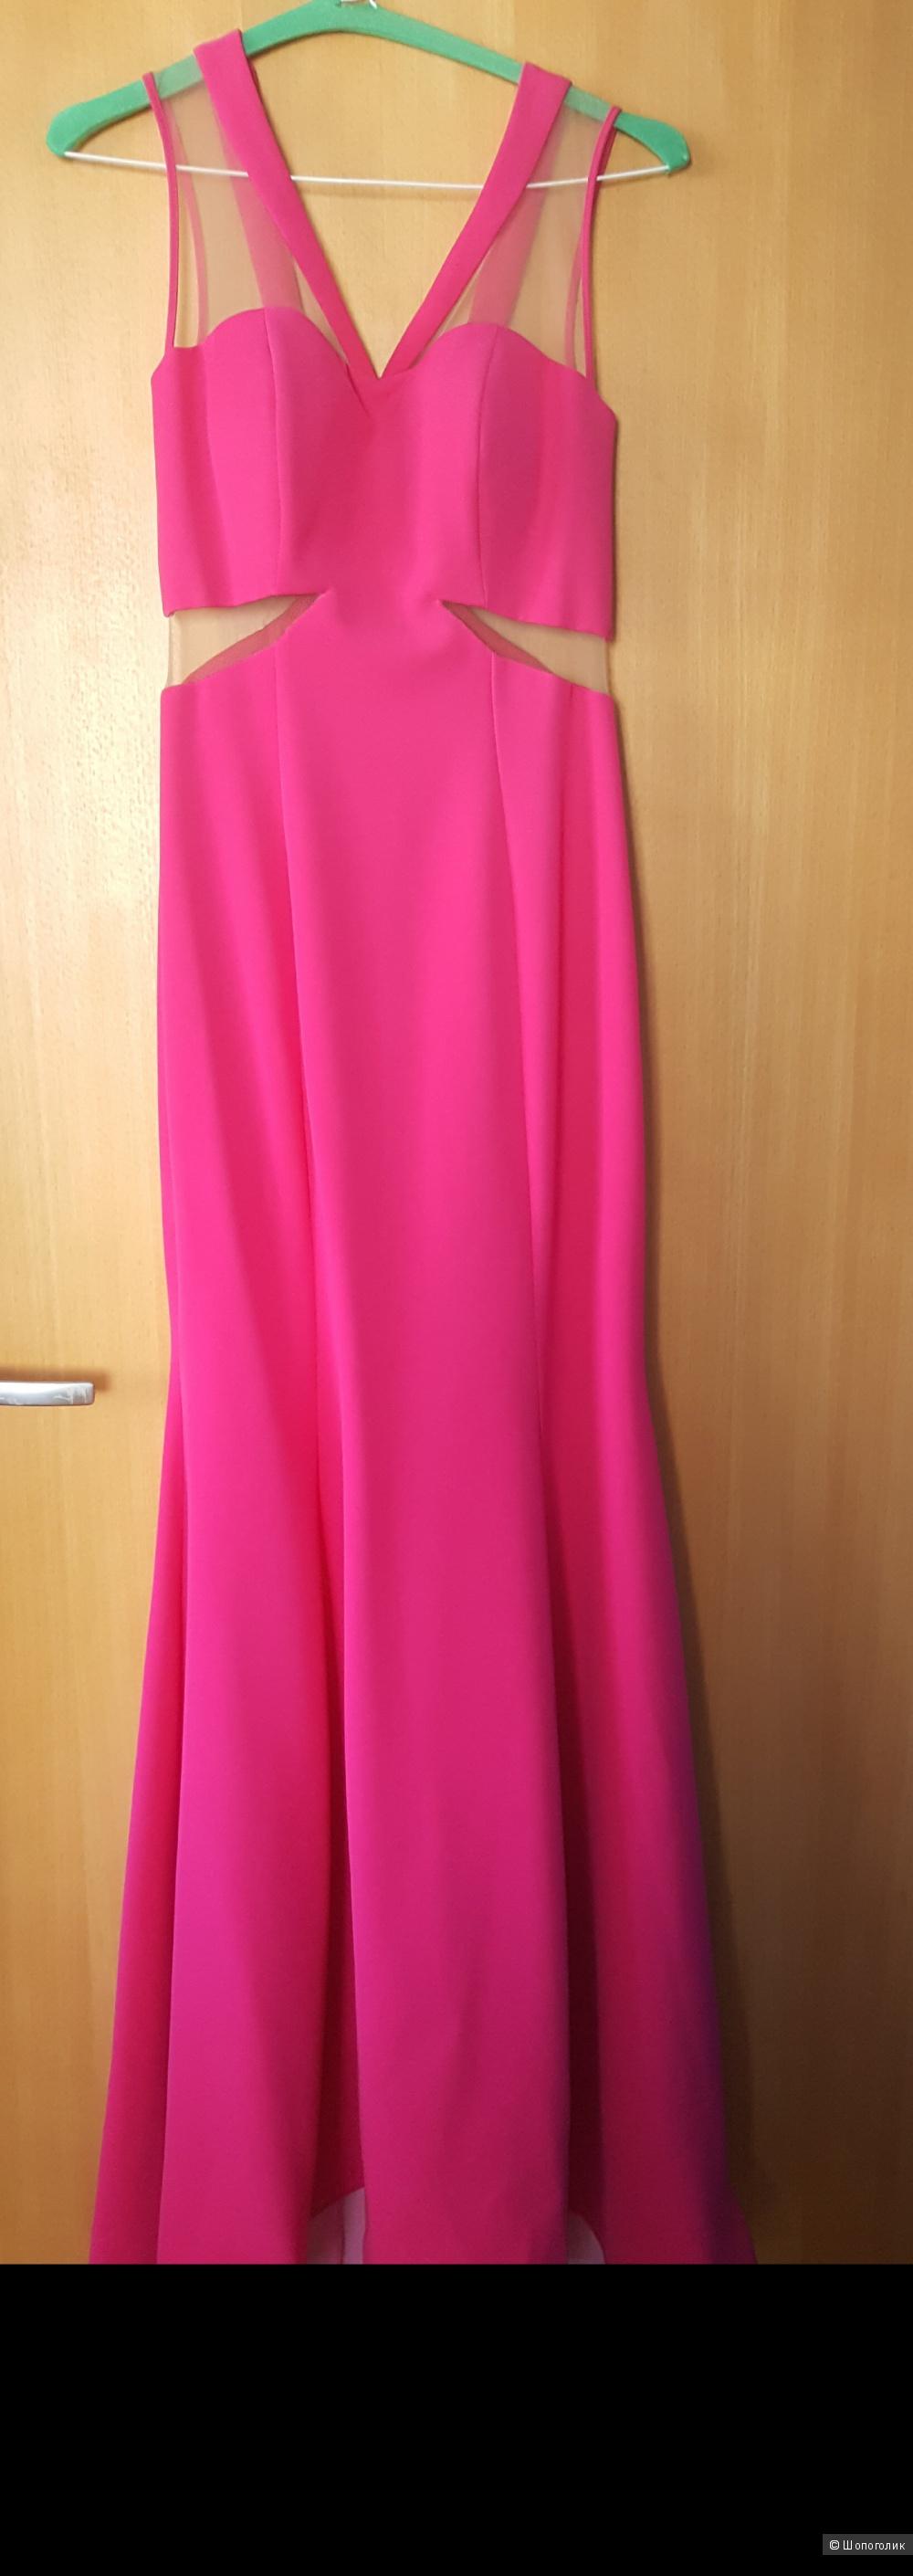 Alfa beta вечернее платье размер S